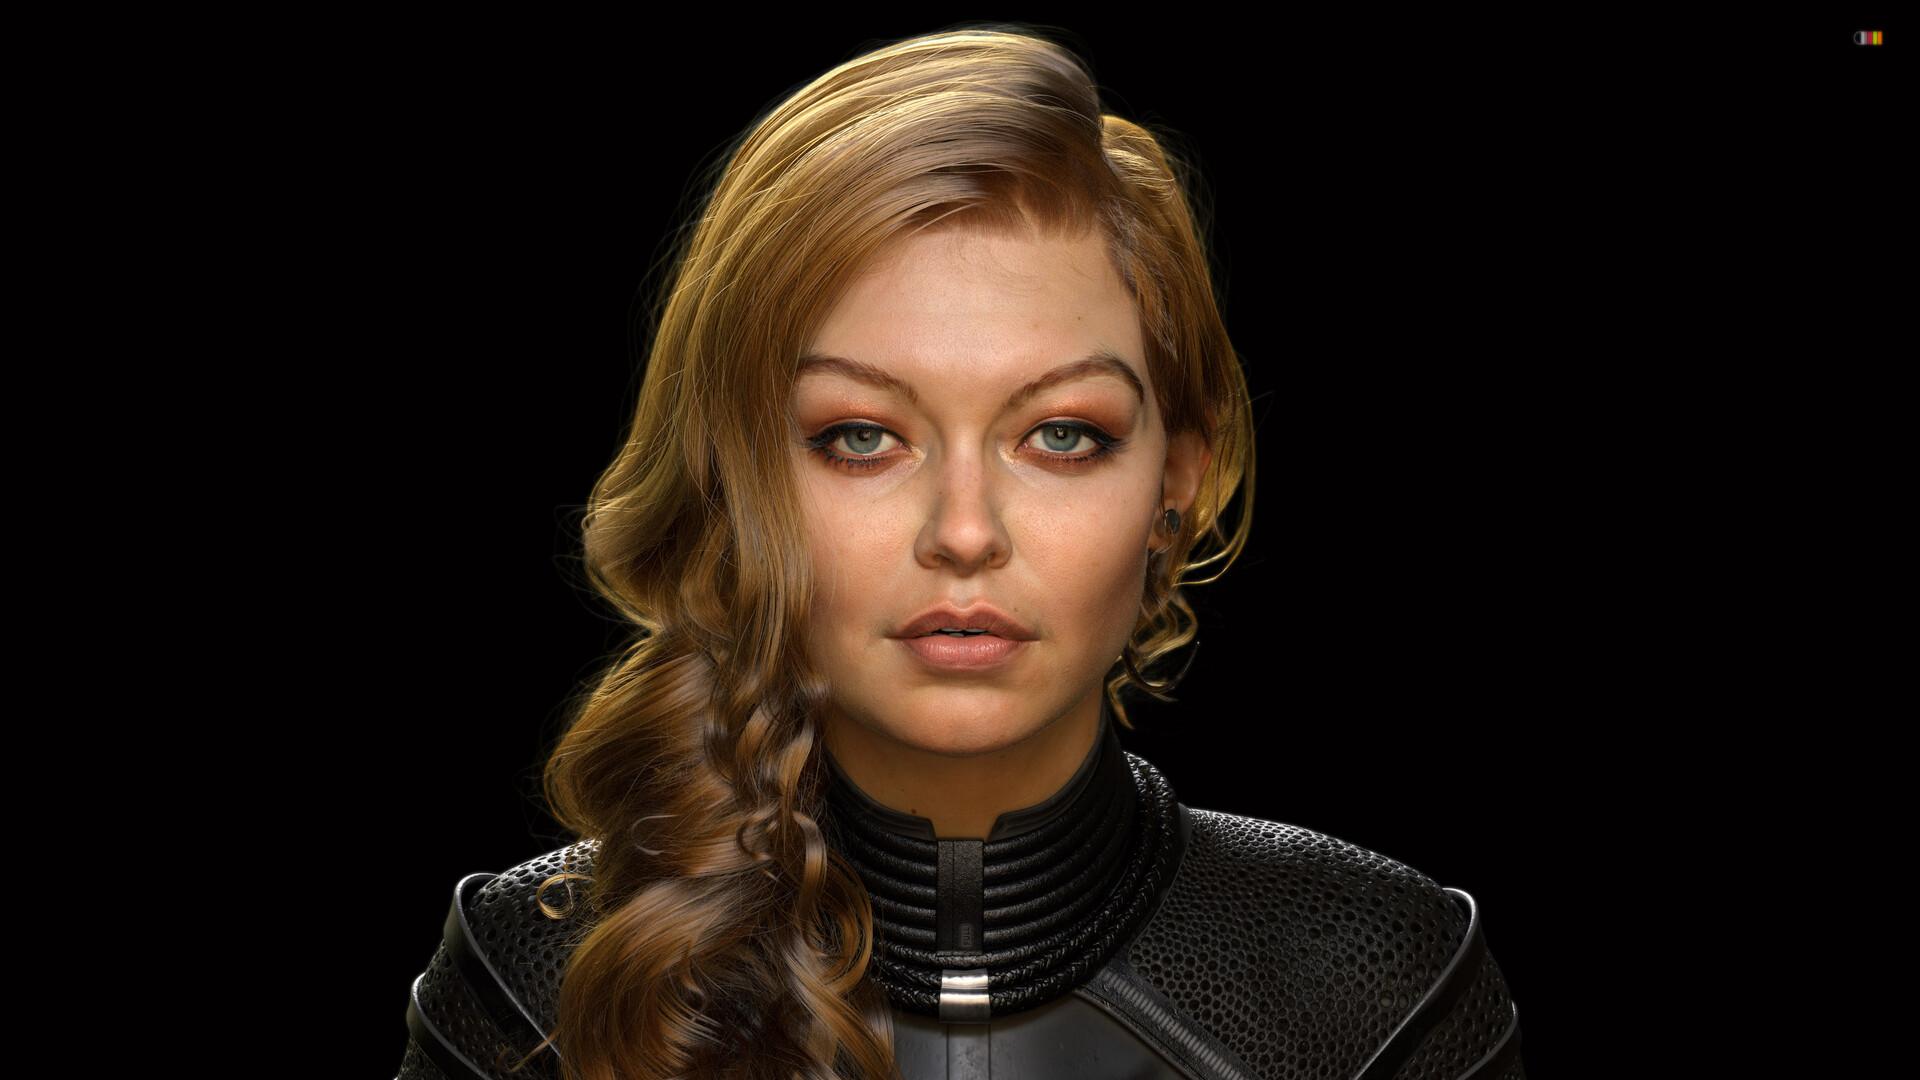 Работа девушке моделью нея работа по веб камере моделью в катайск